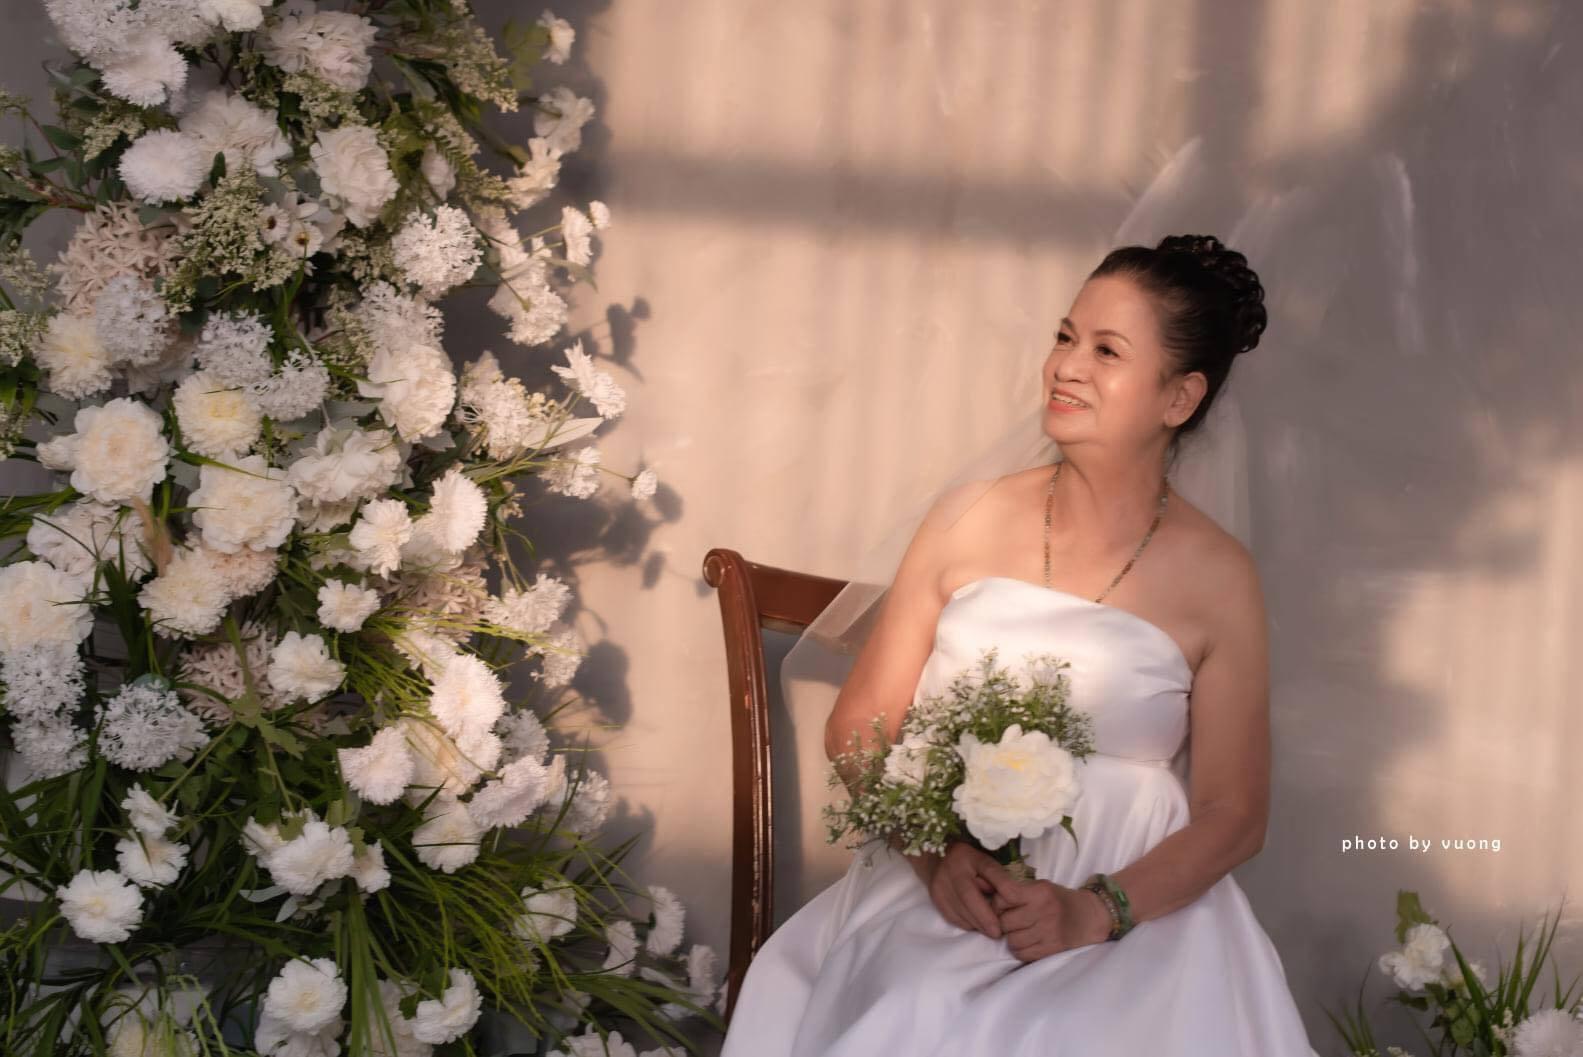 Cháu trai chụp ảnh bà ngoại 72 tuổi thành cô dâu xinh đẹp nhất và câu chuyện cảm động phía sau